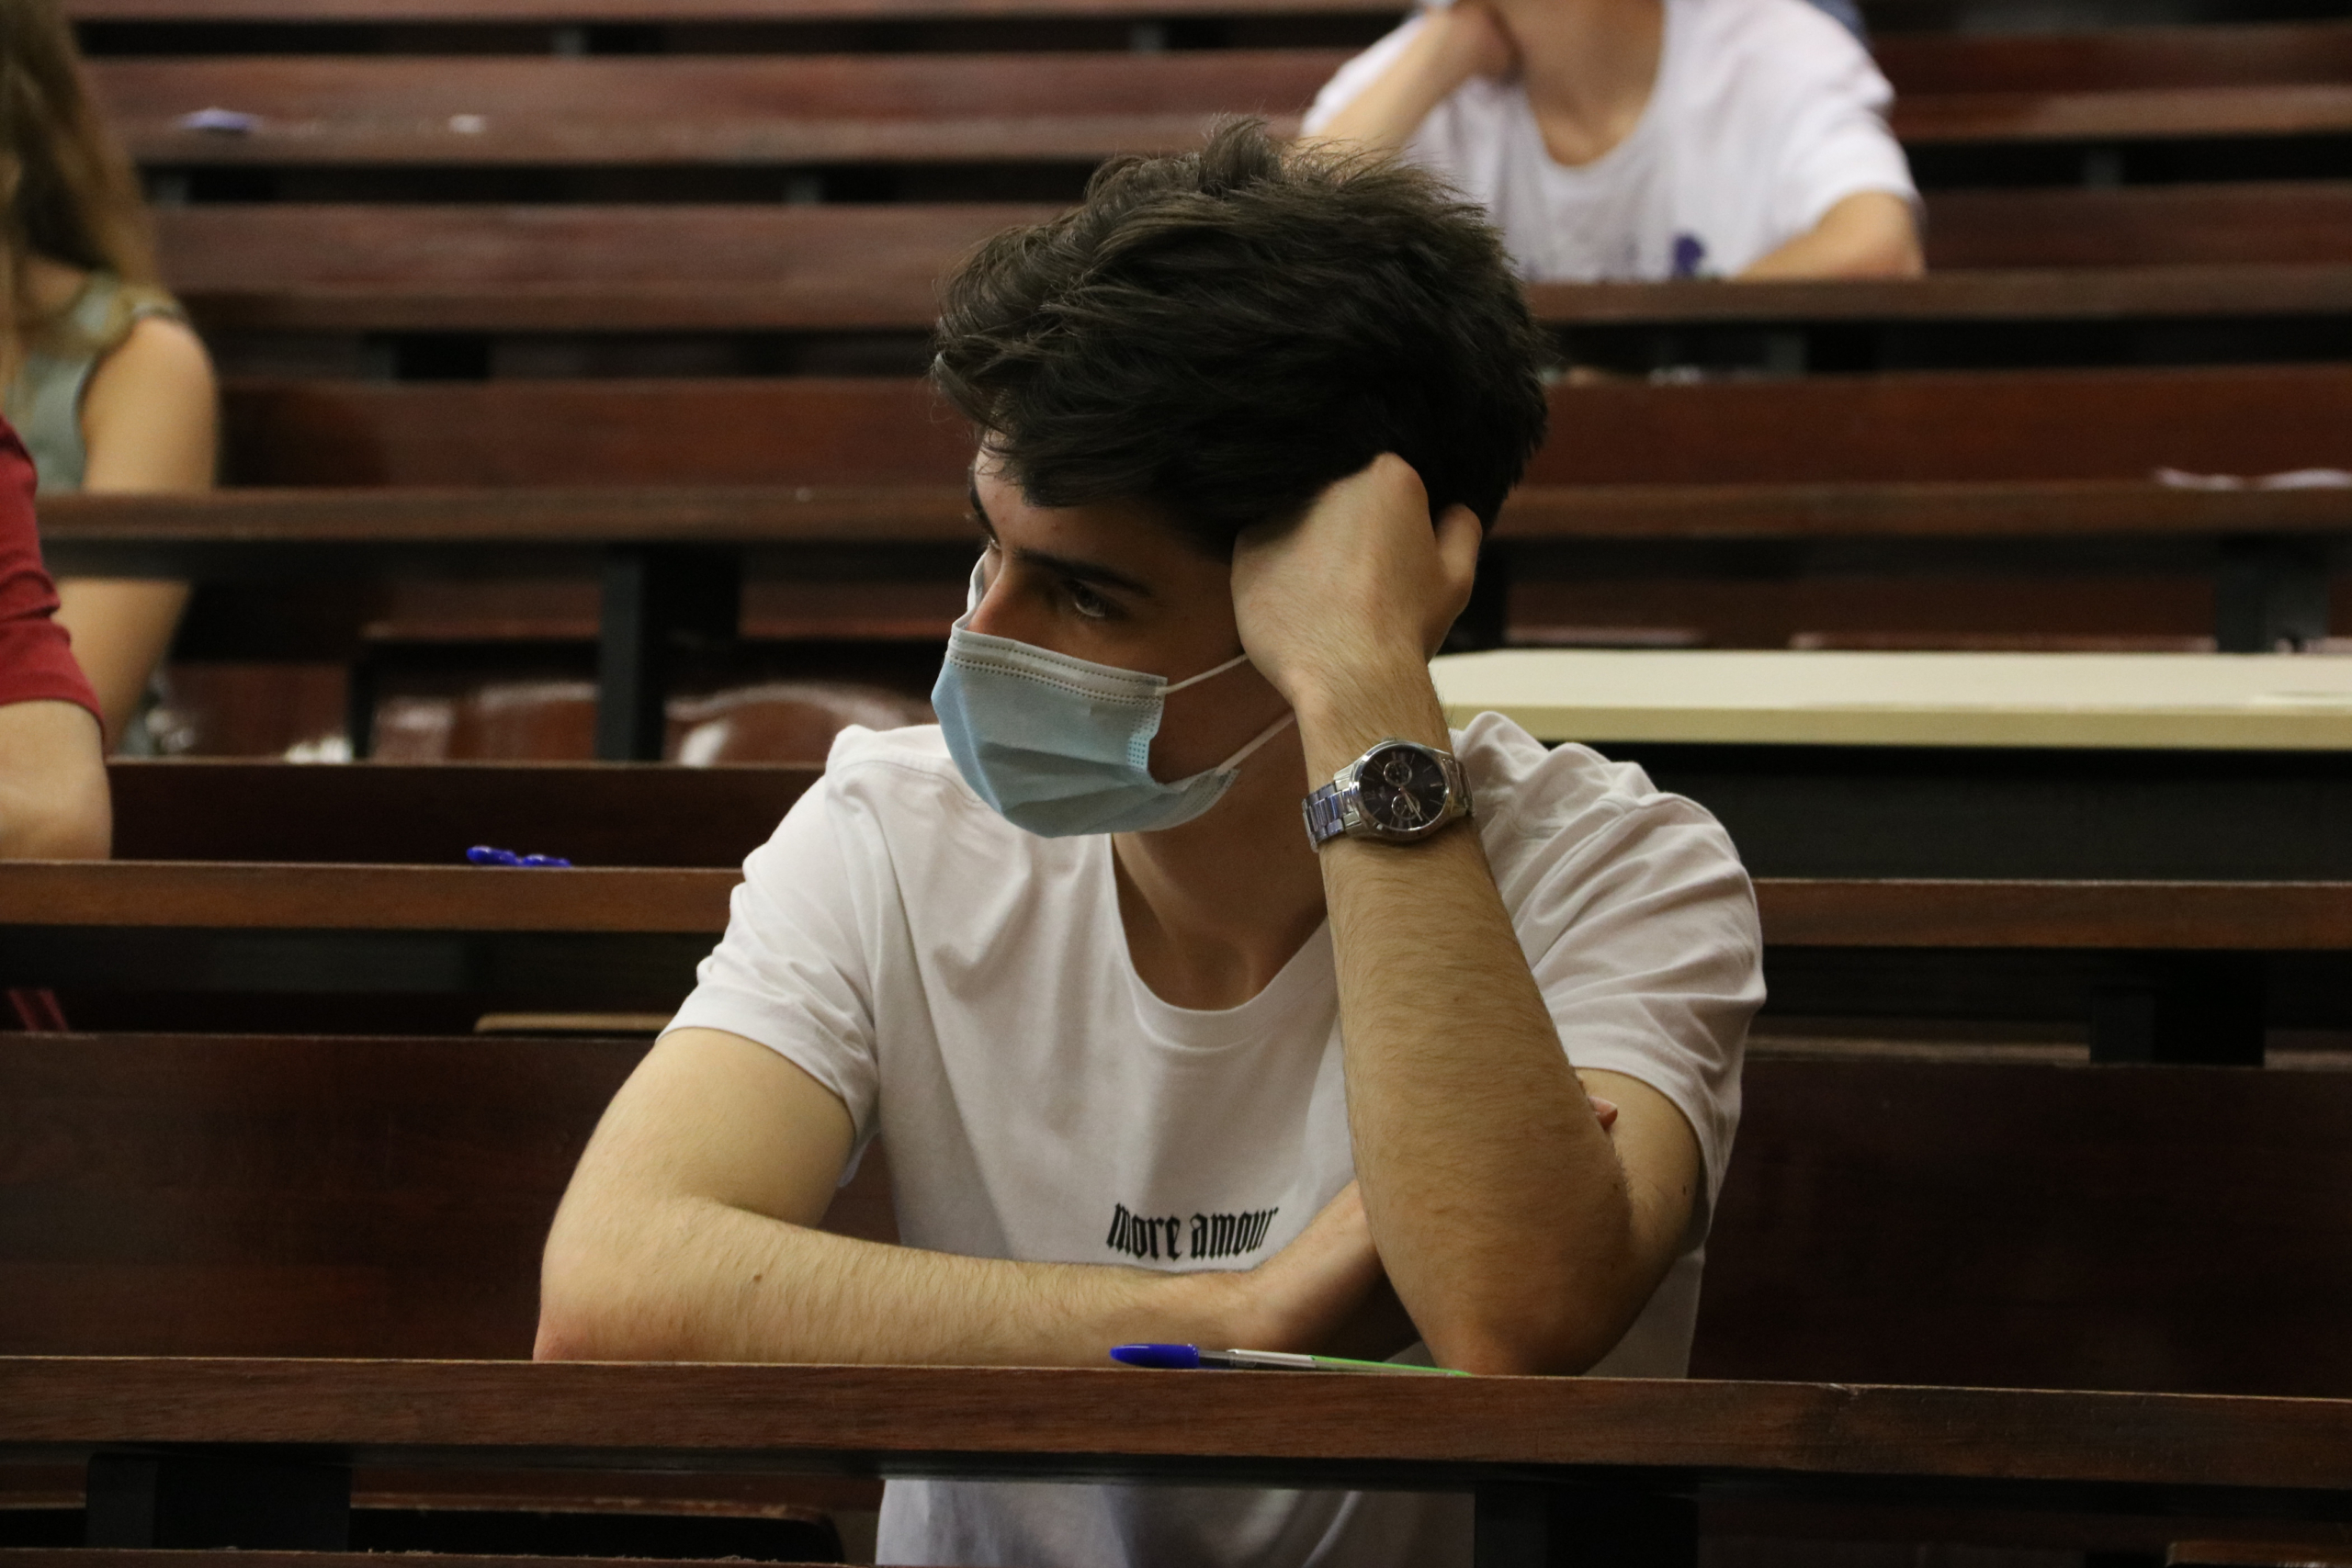 Un estudiant esperant l'inici de la primera prova a la selectivitat del 2021 a la Facultat d'Economia i Empresa de la UB | ACN